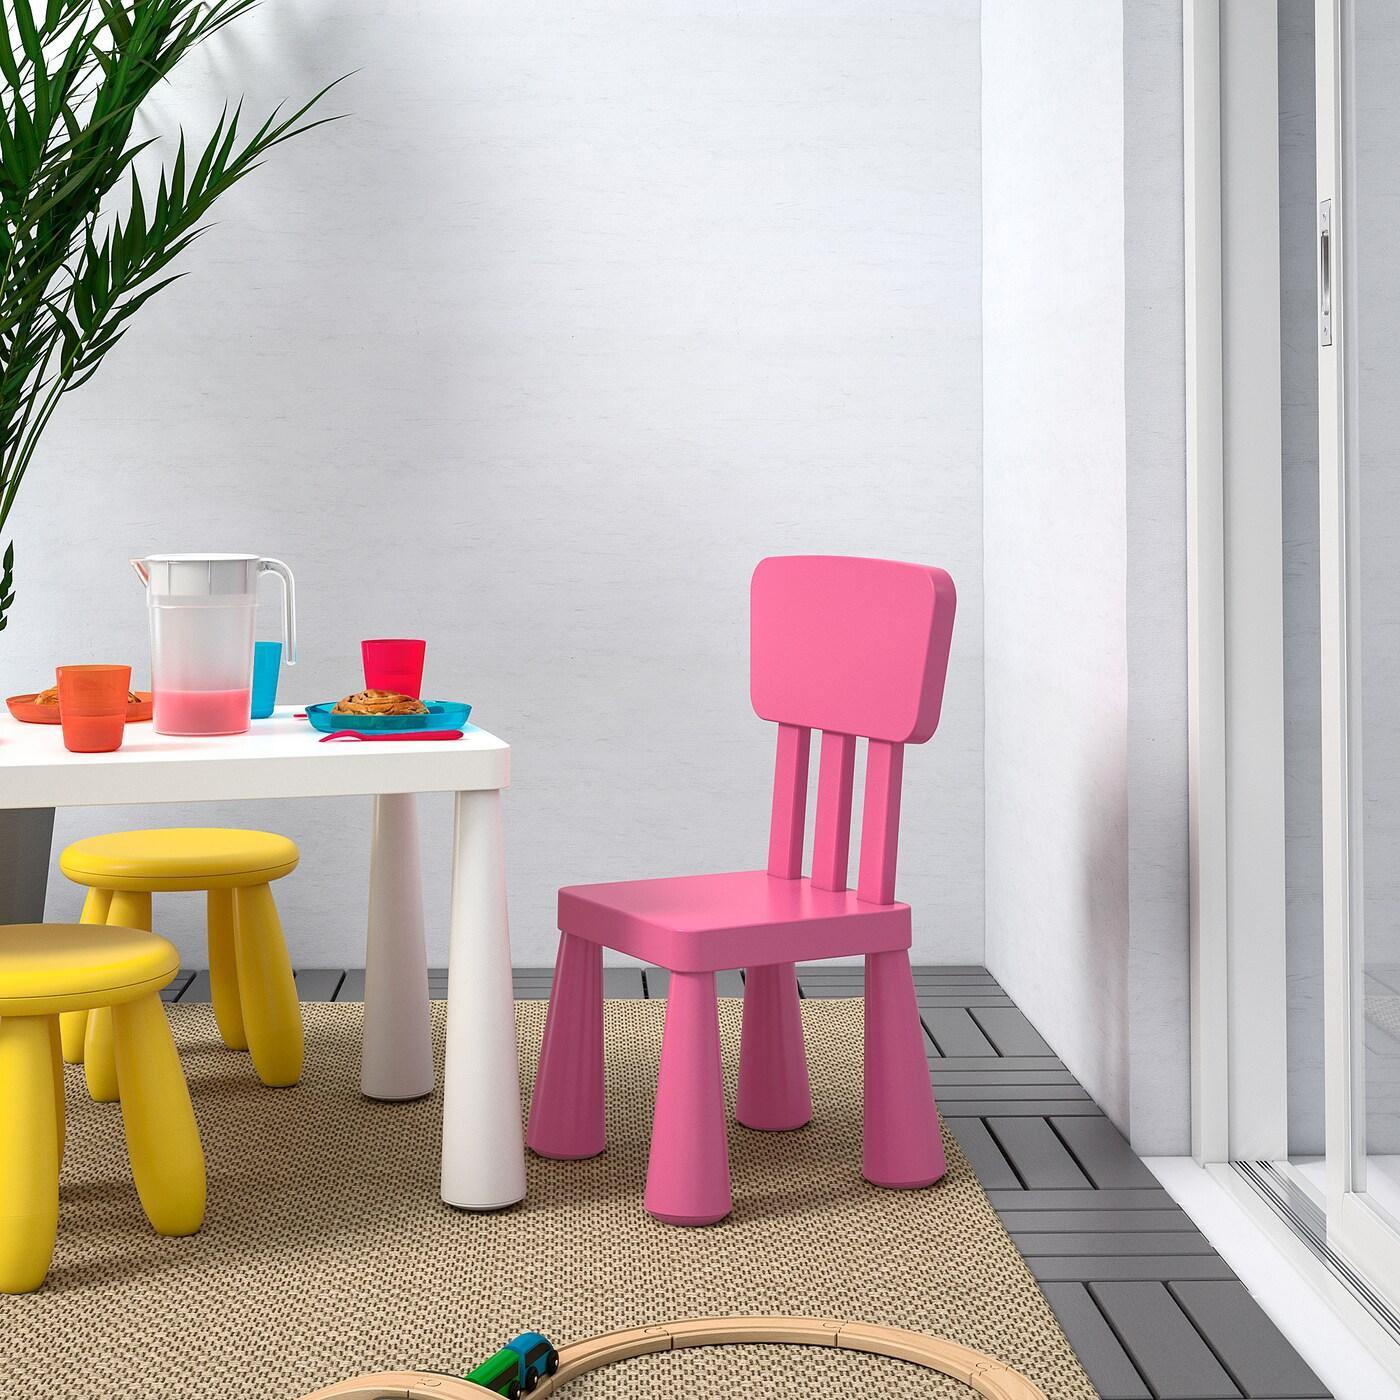 MAMMUT Children's chair, indoor/outdoor/pink